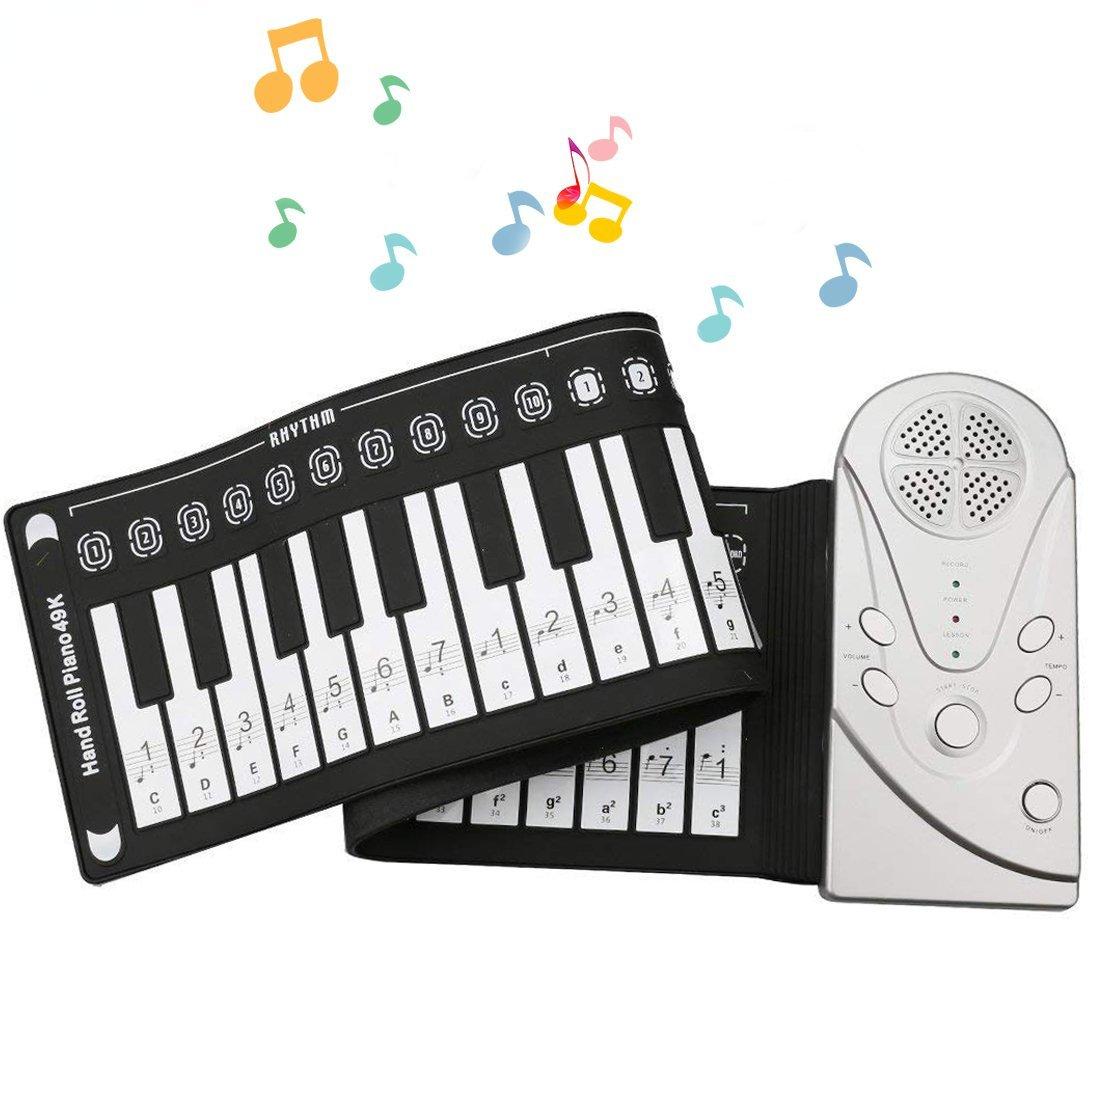 A-SZCXTOP 49 Taste des elektronischen Klavier/E-Piano Weich Notebook Tastatur zugeklappt/Rad für oben das Klavier